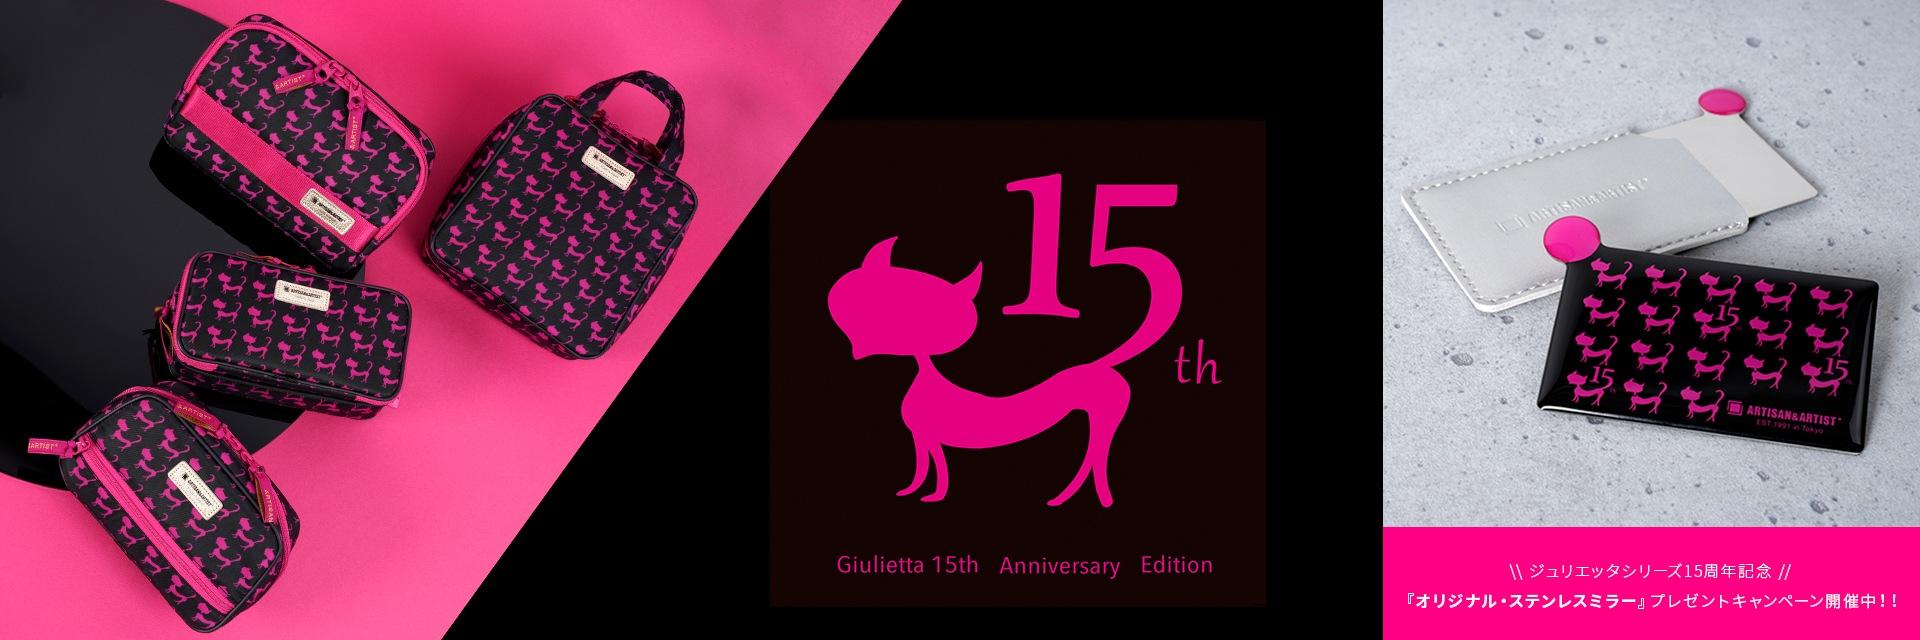 シリーズ15周年記念モデル ジュリエッタ アモローザ GLTシリーズ